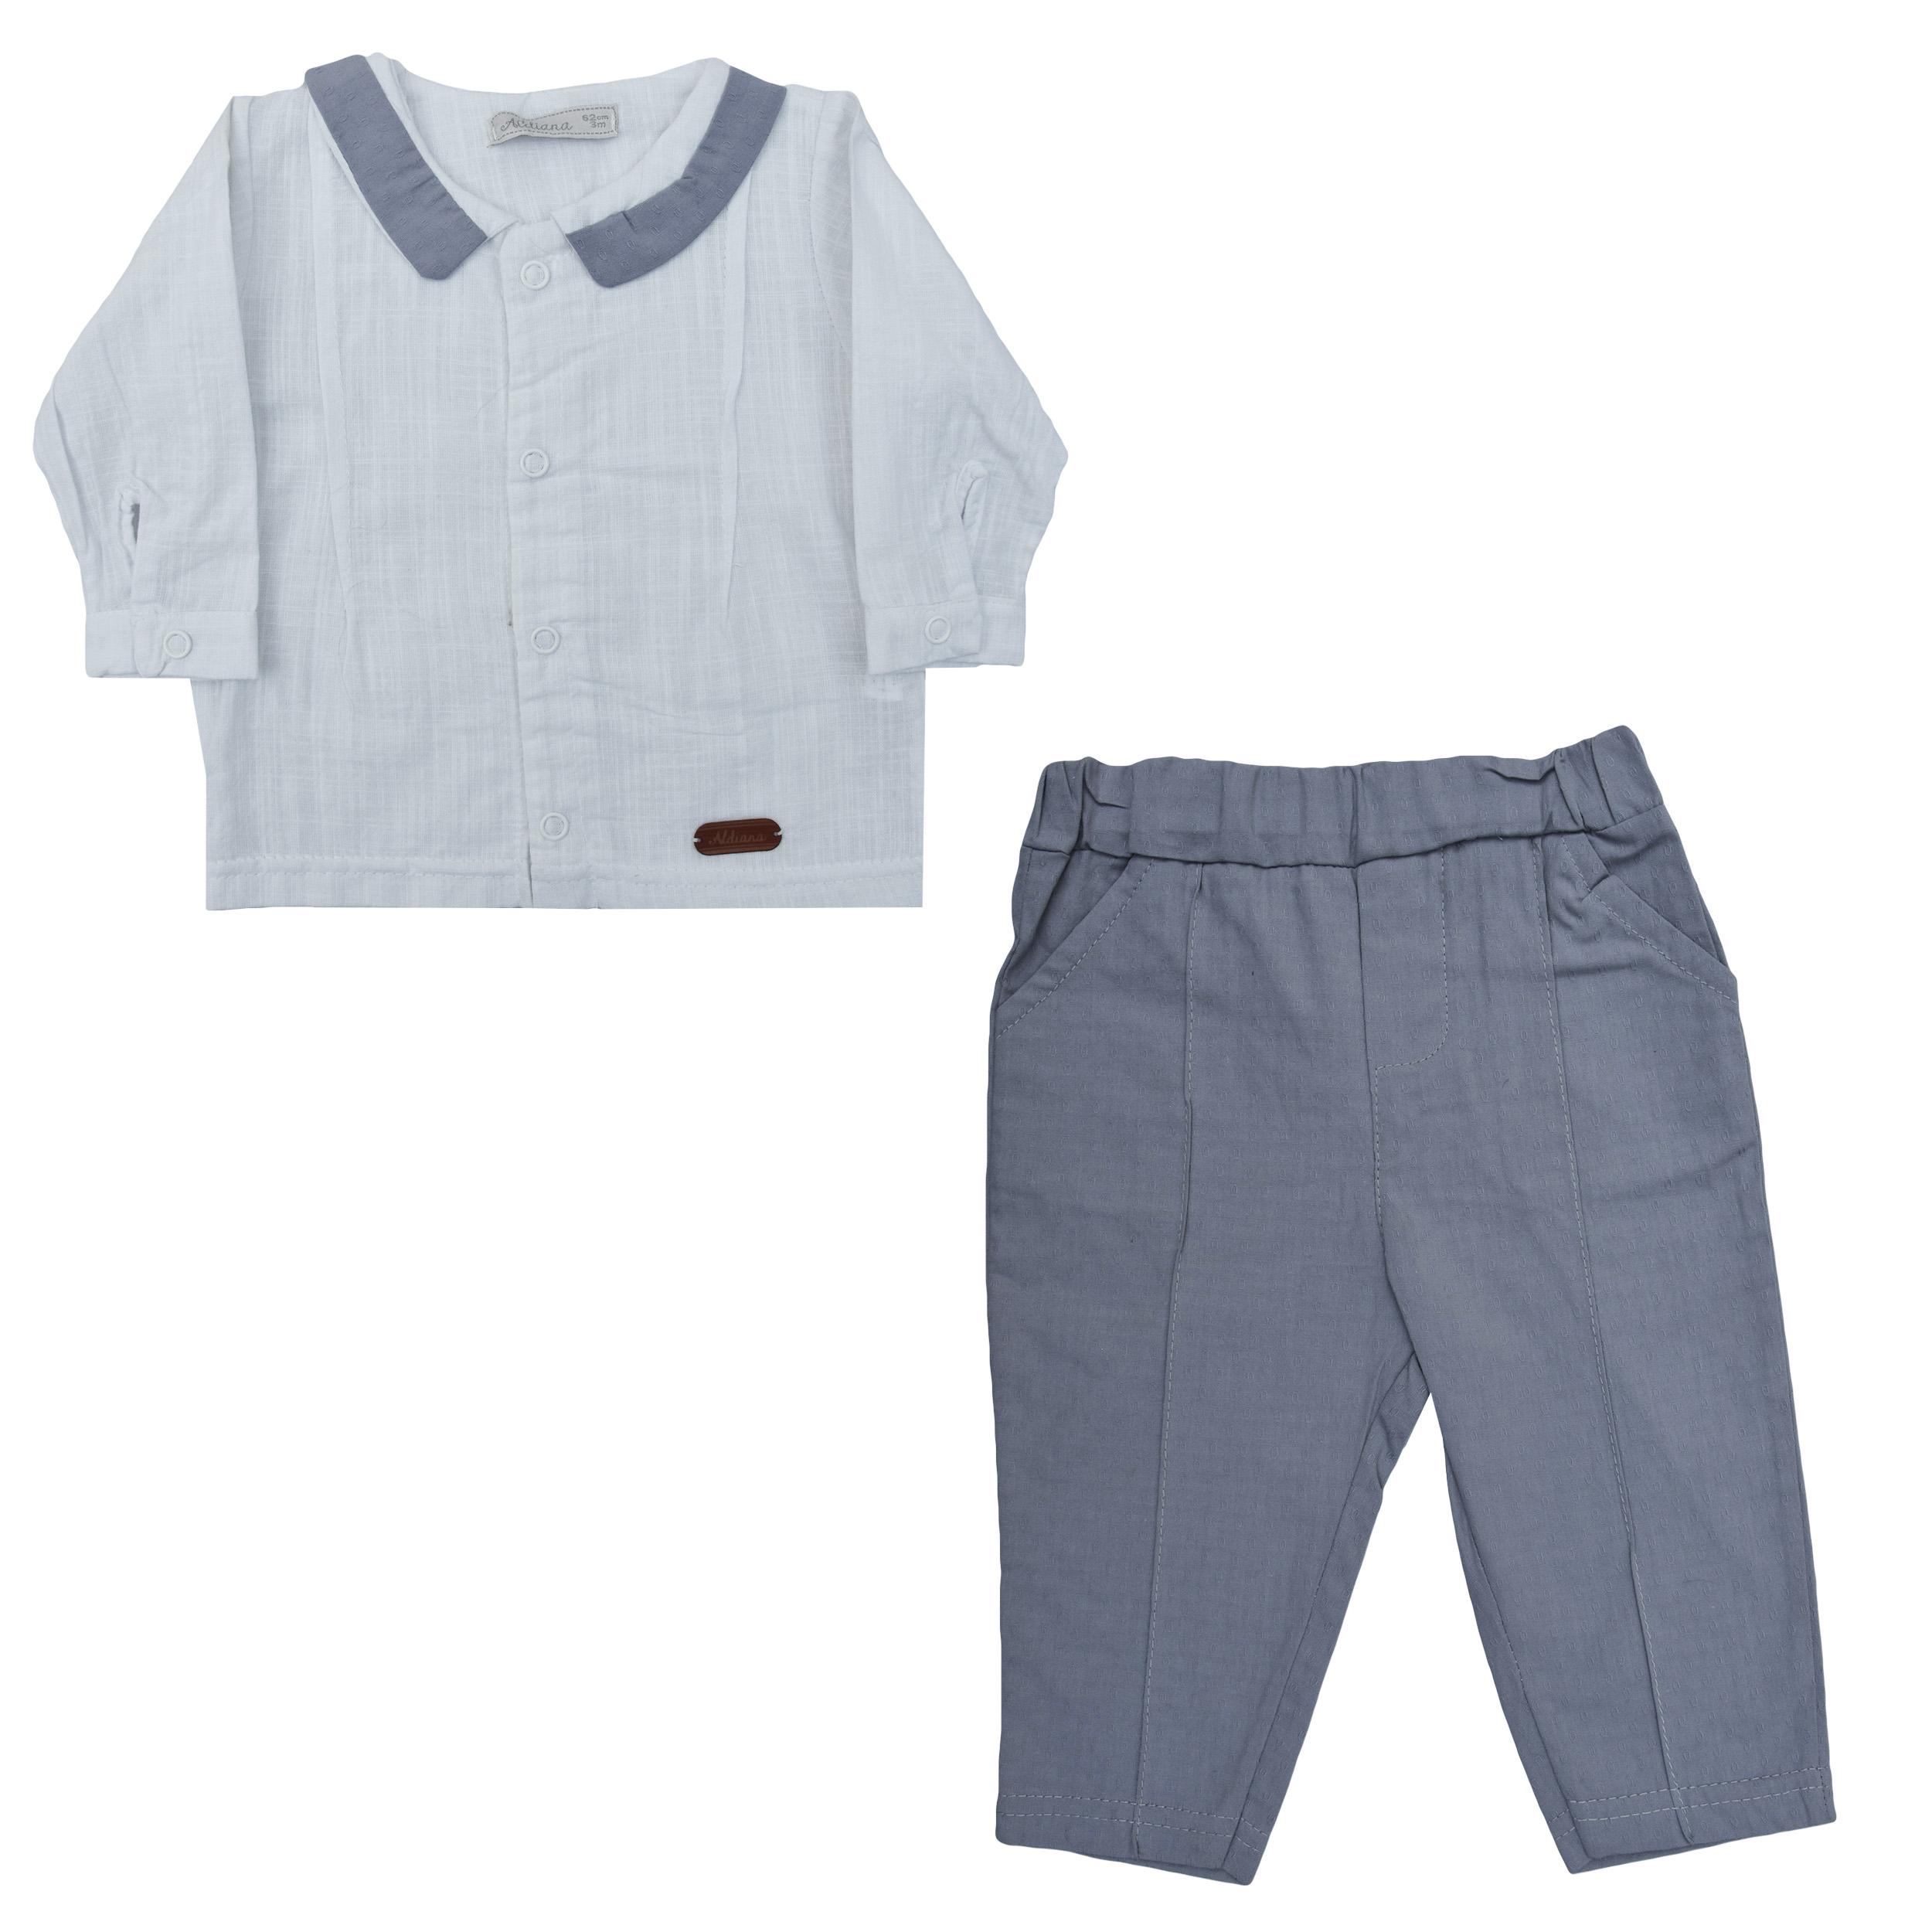 ست پیراهن و شلوار نوزادی آلدیانا مدل 6014S-TO